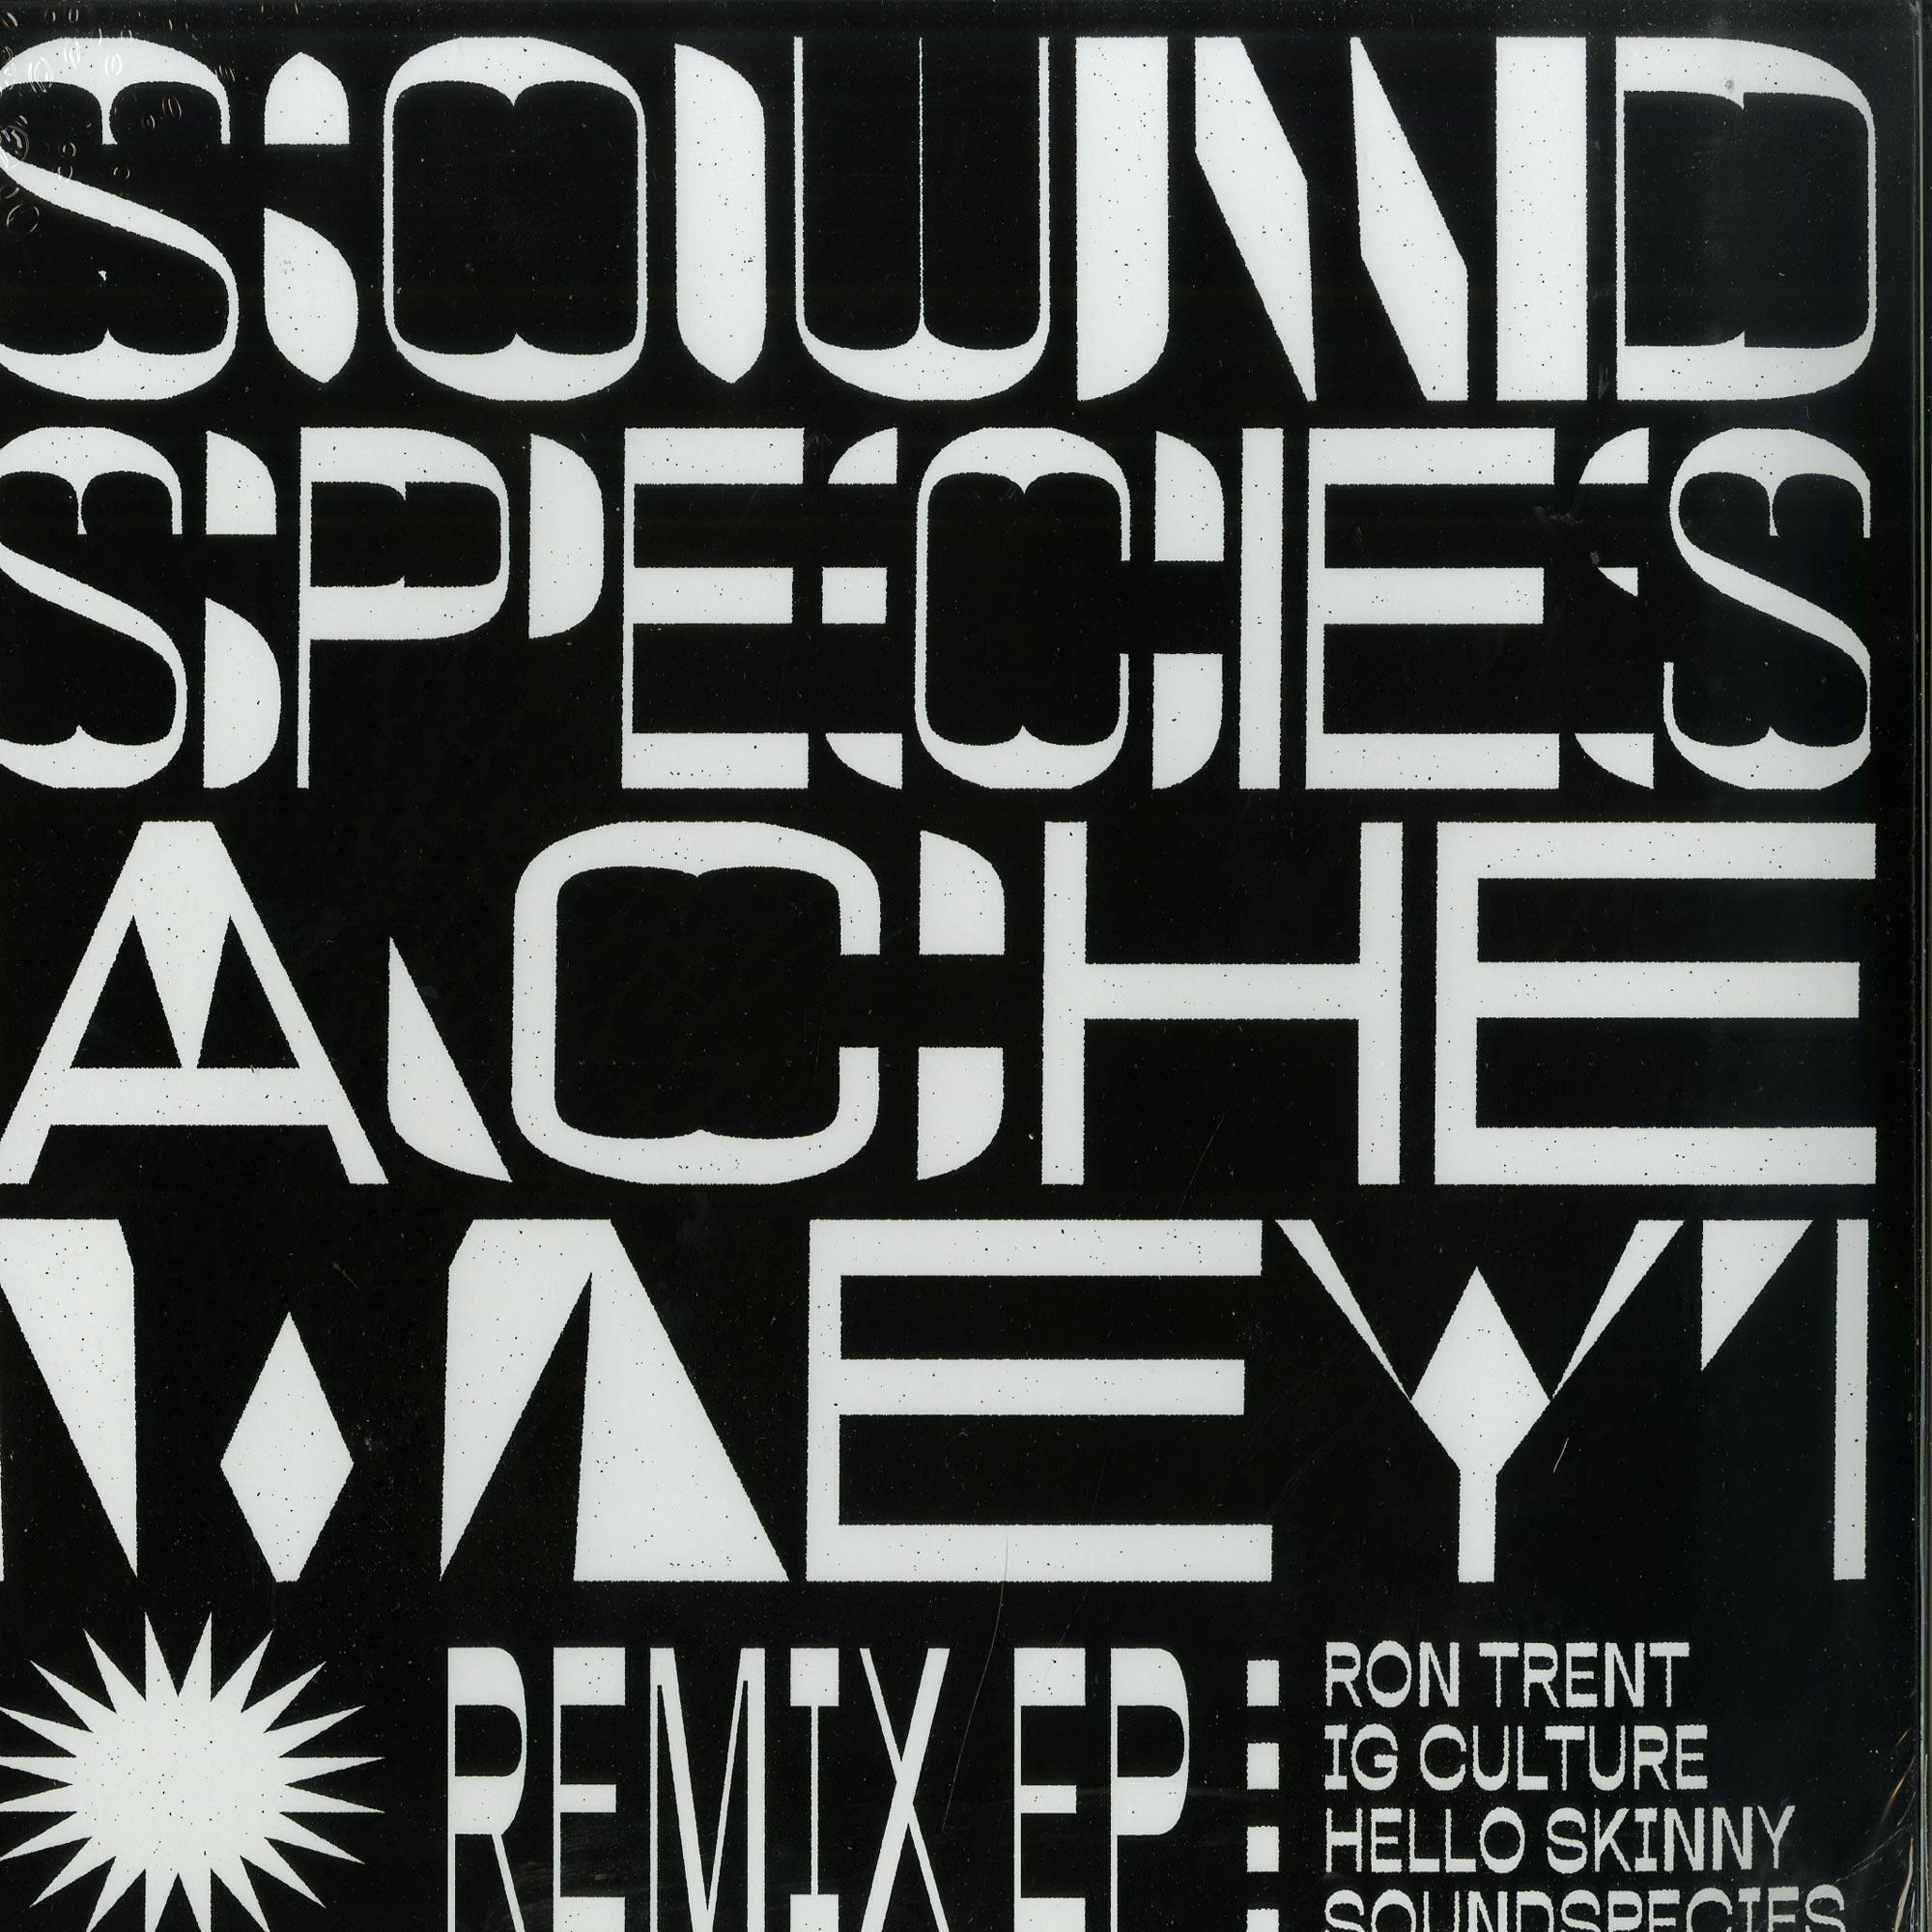 Sound Species & Ache Meyi - REMIX EP